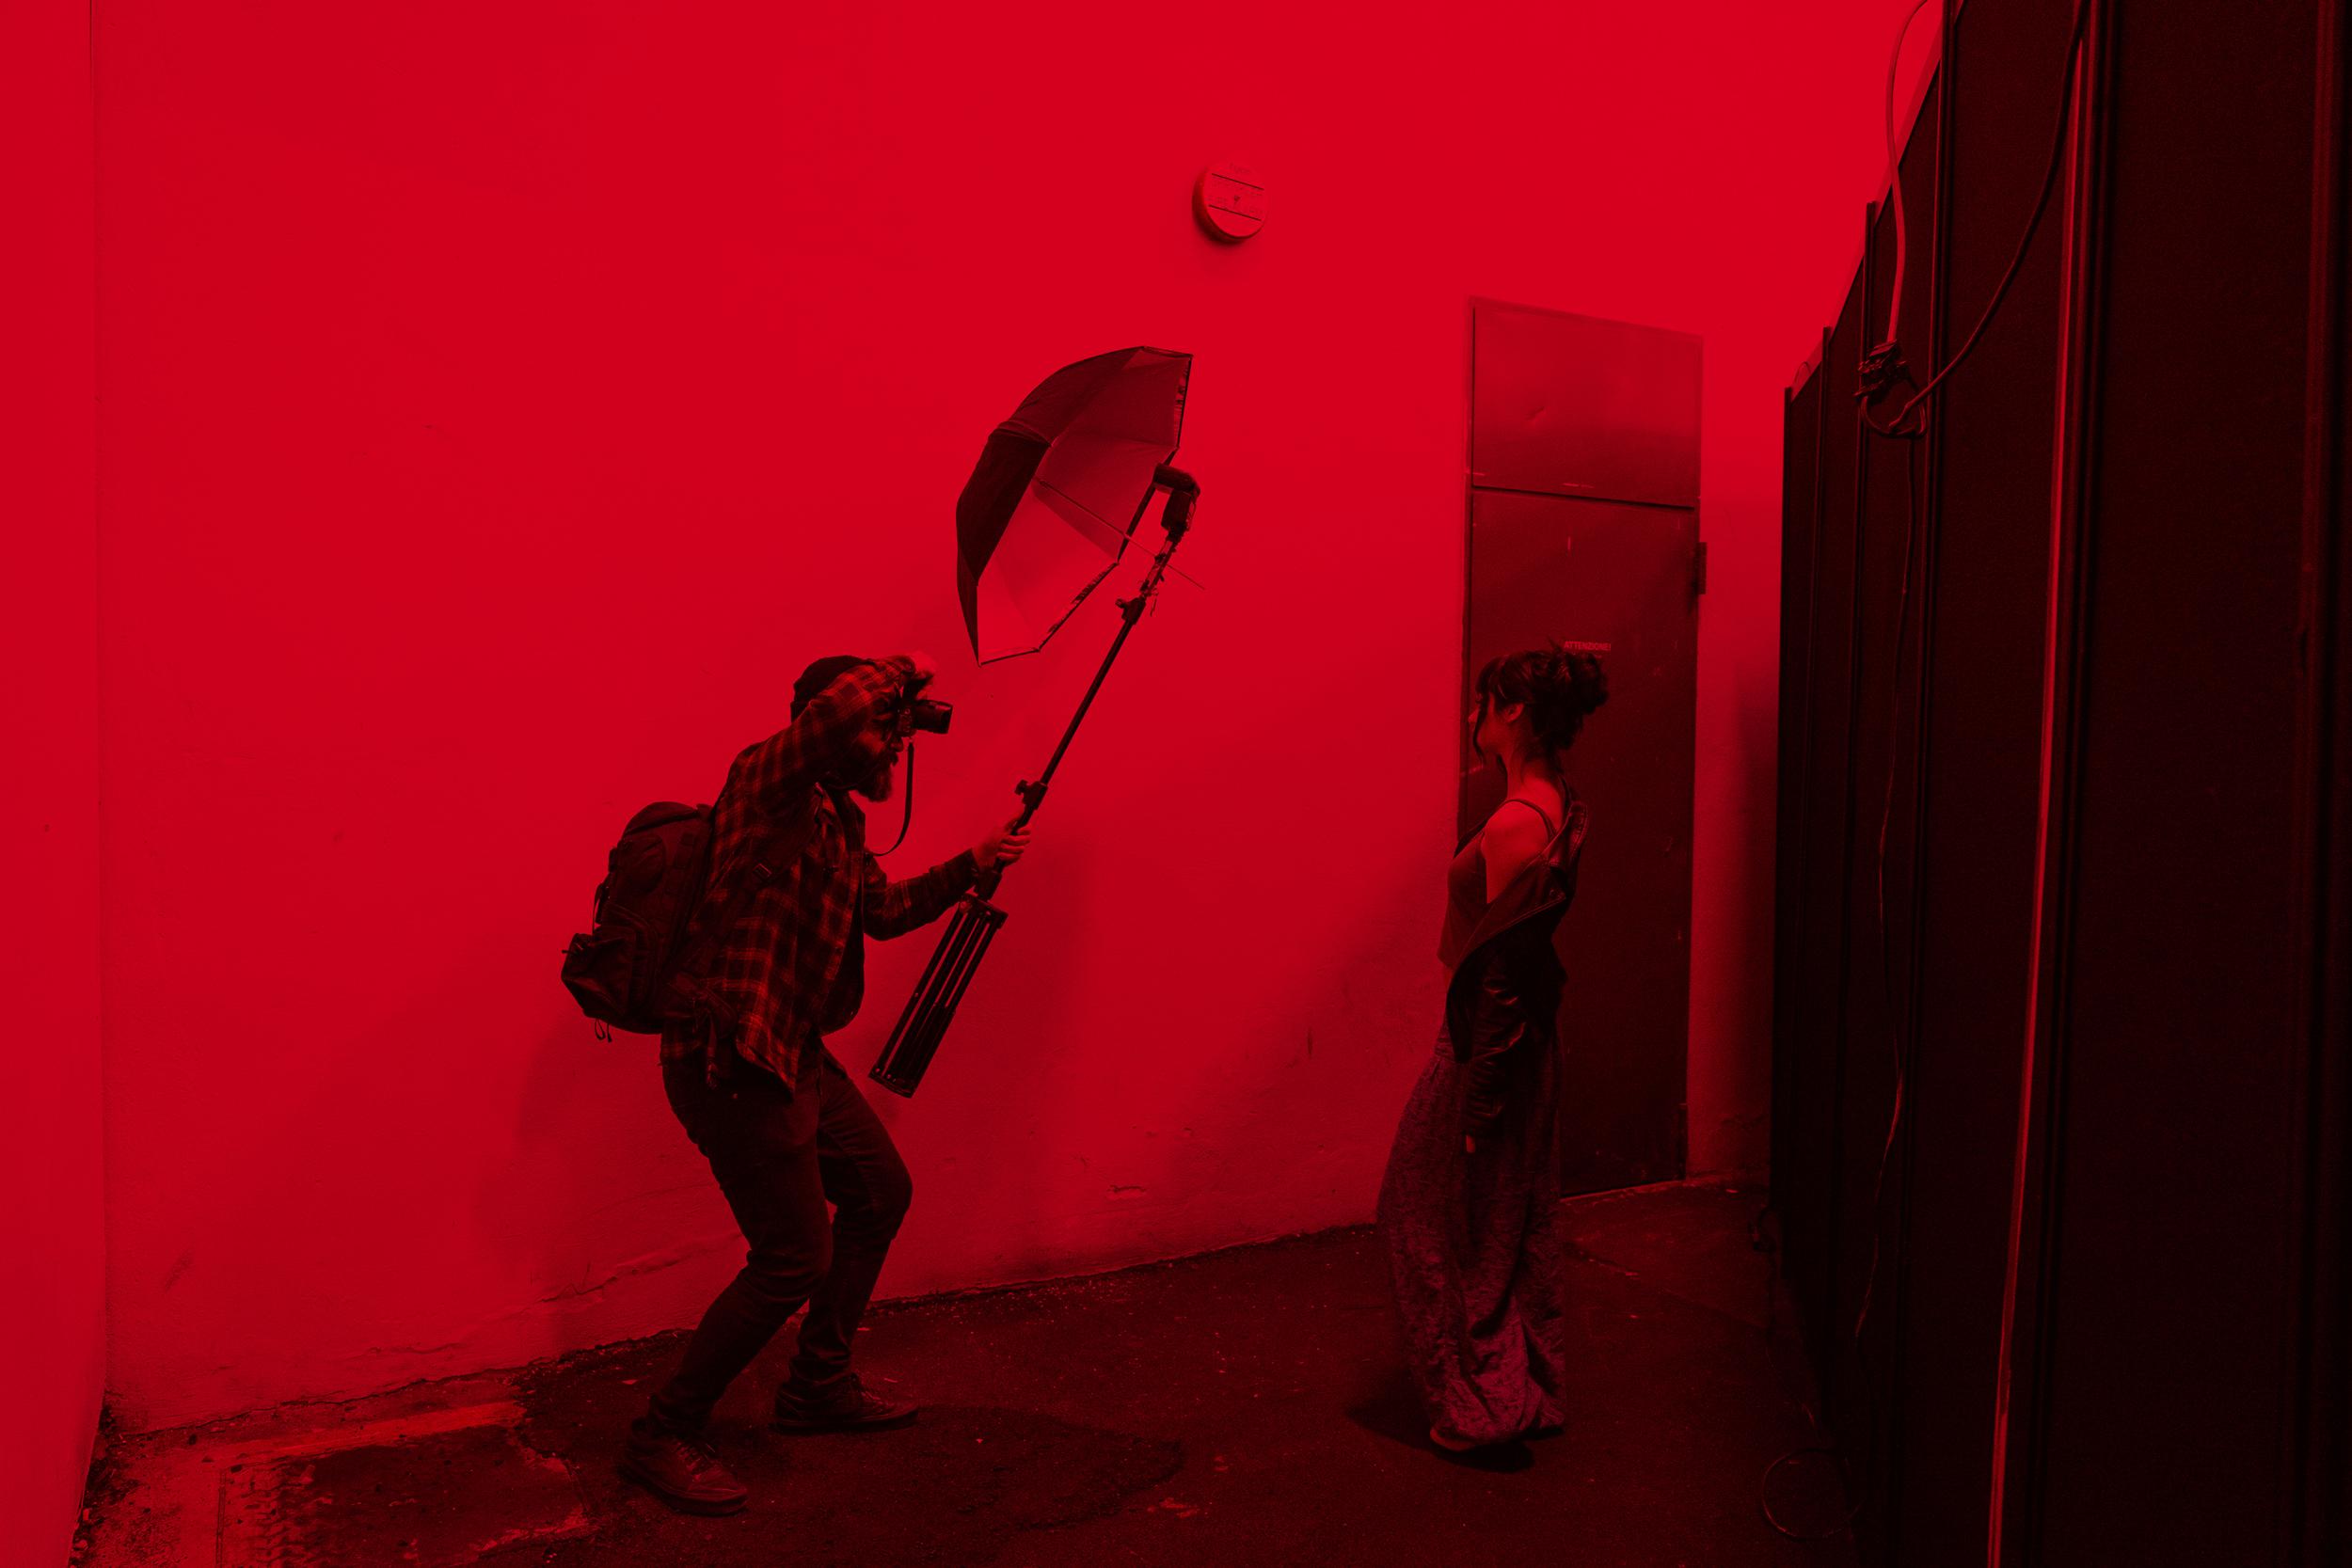 me-shooting-in-red.jpg